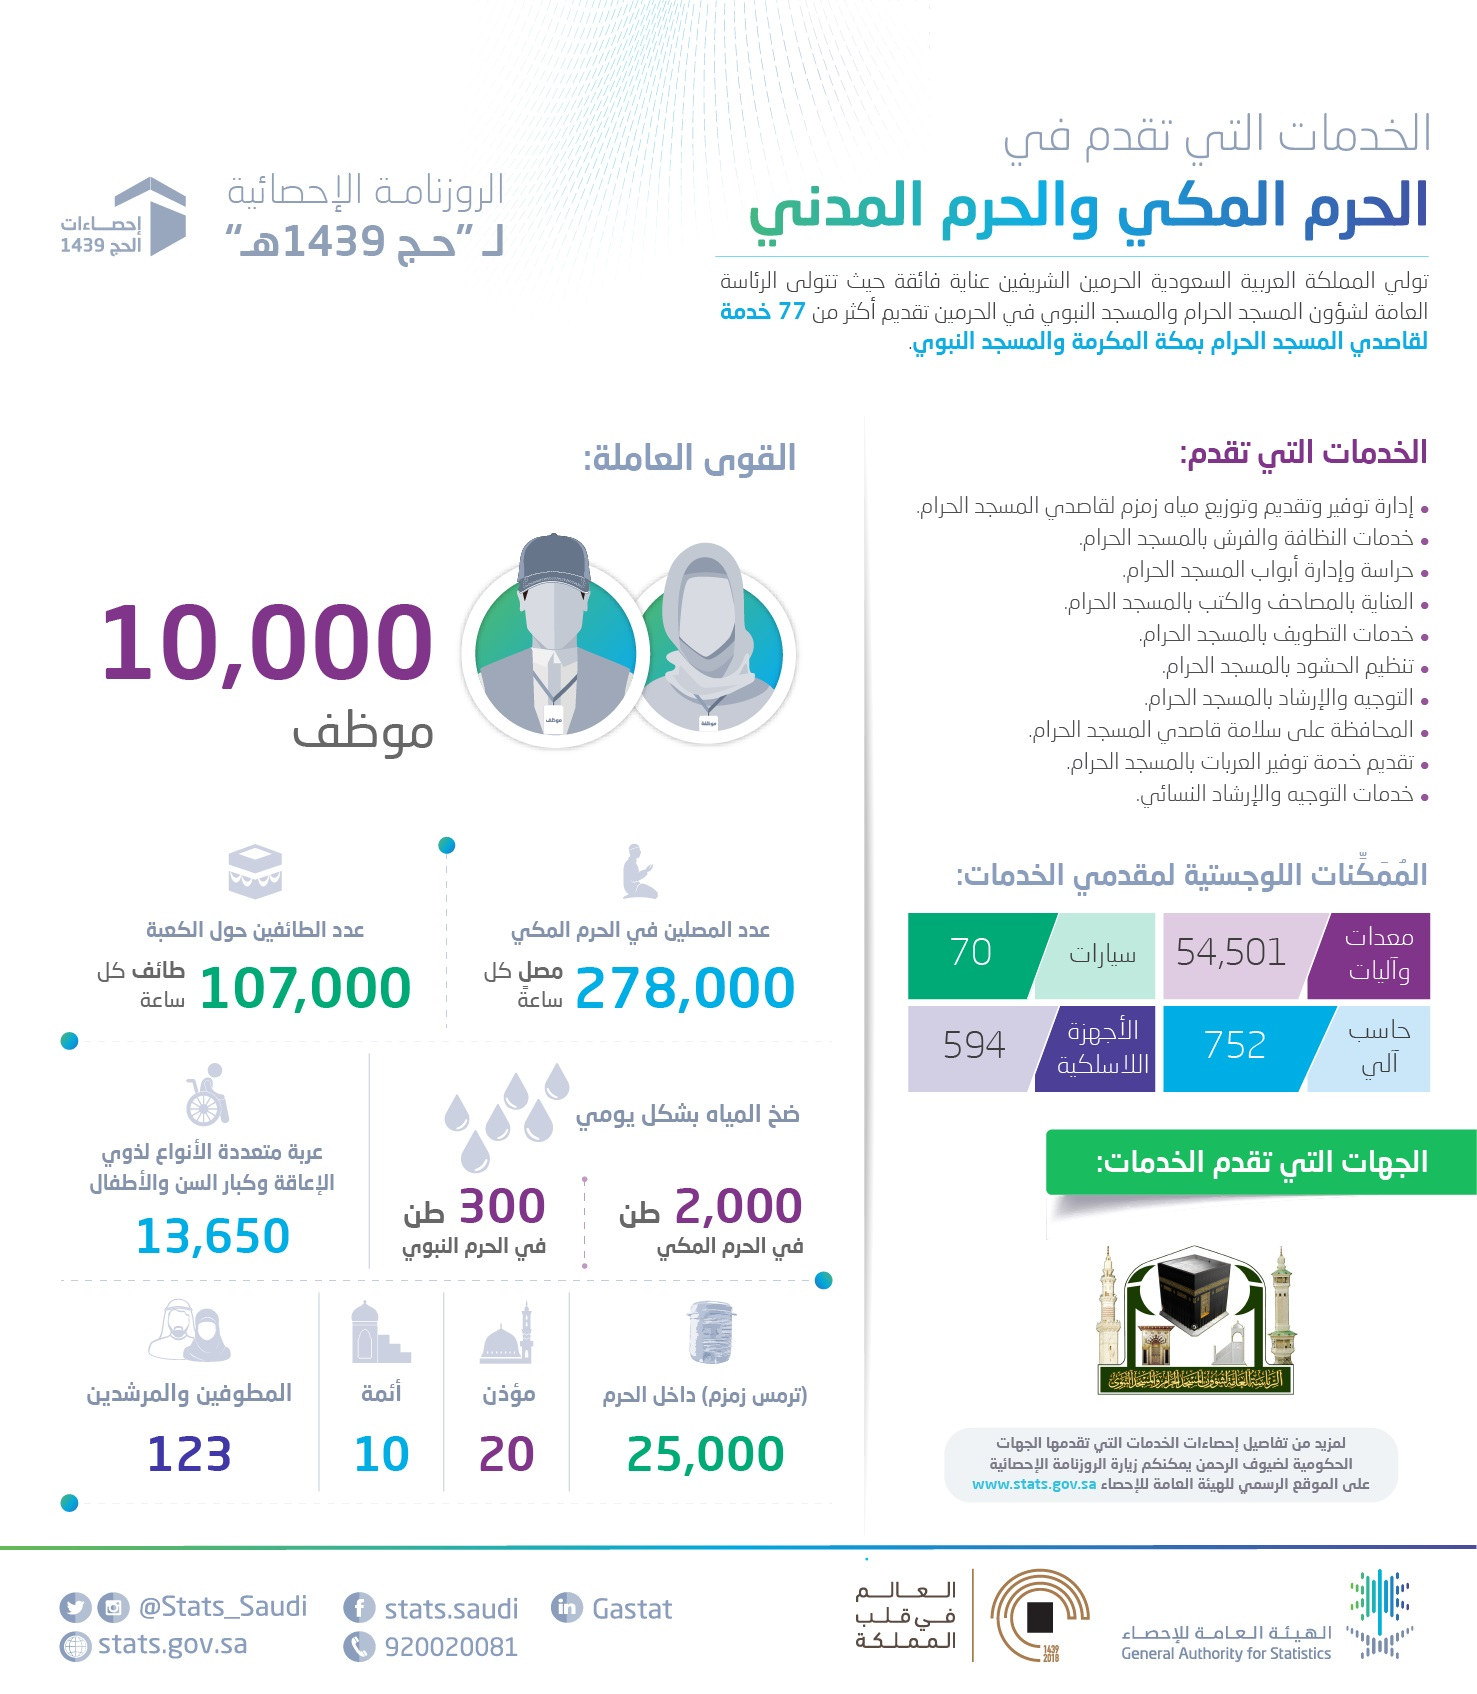 الإحصاء: أكثر من 278 ألفَ مصلٍّ و107 ألف طائف حول الكعبة كل ساعة